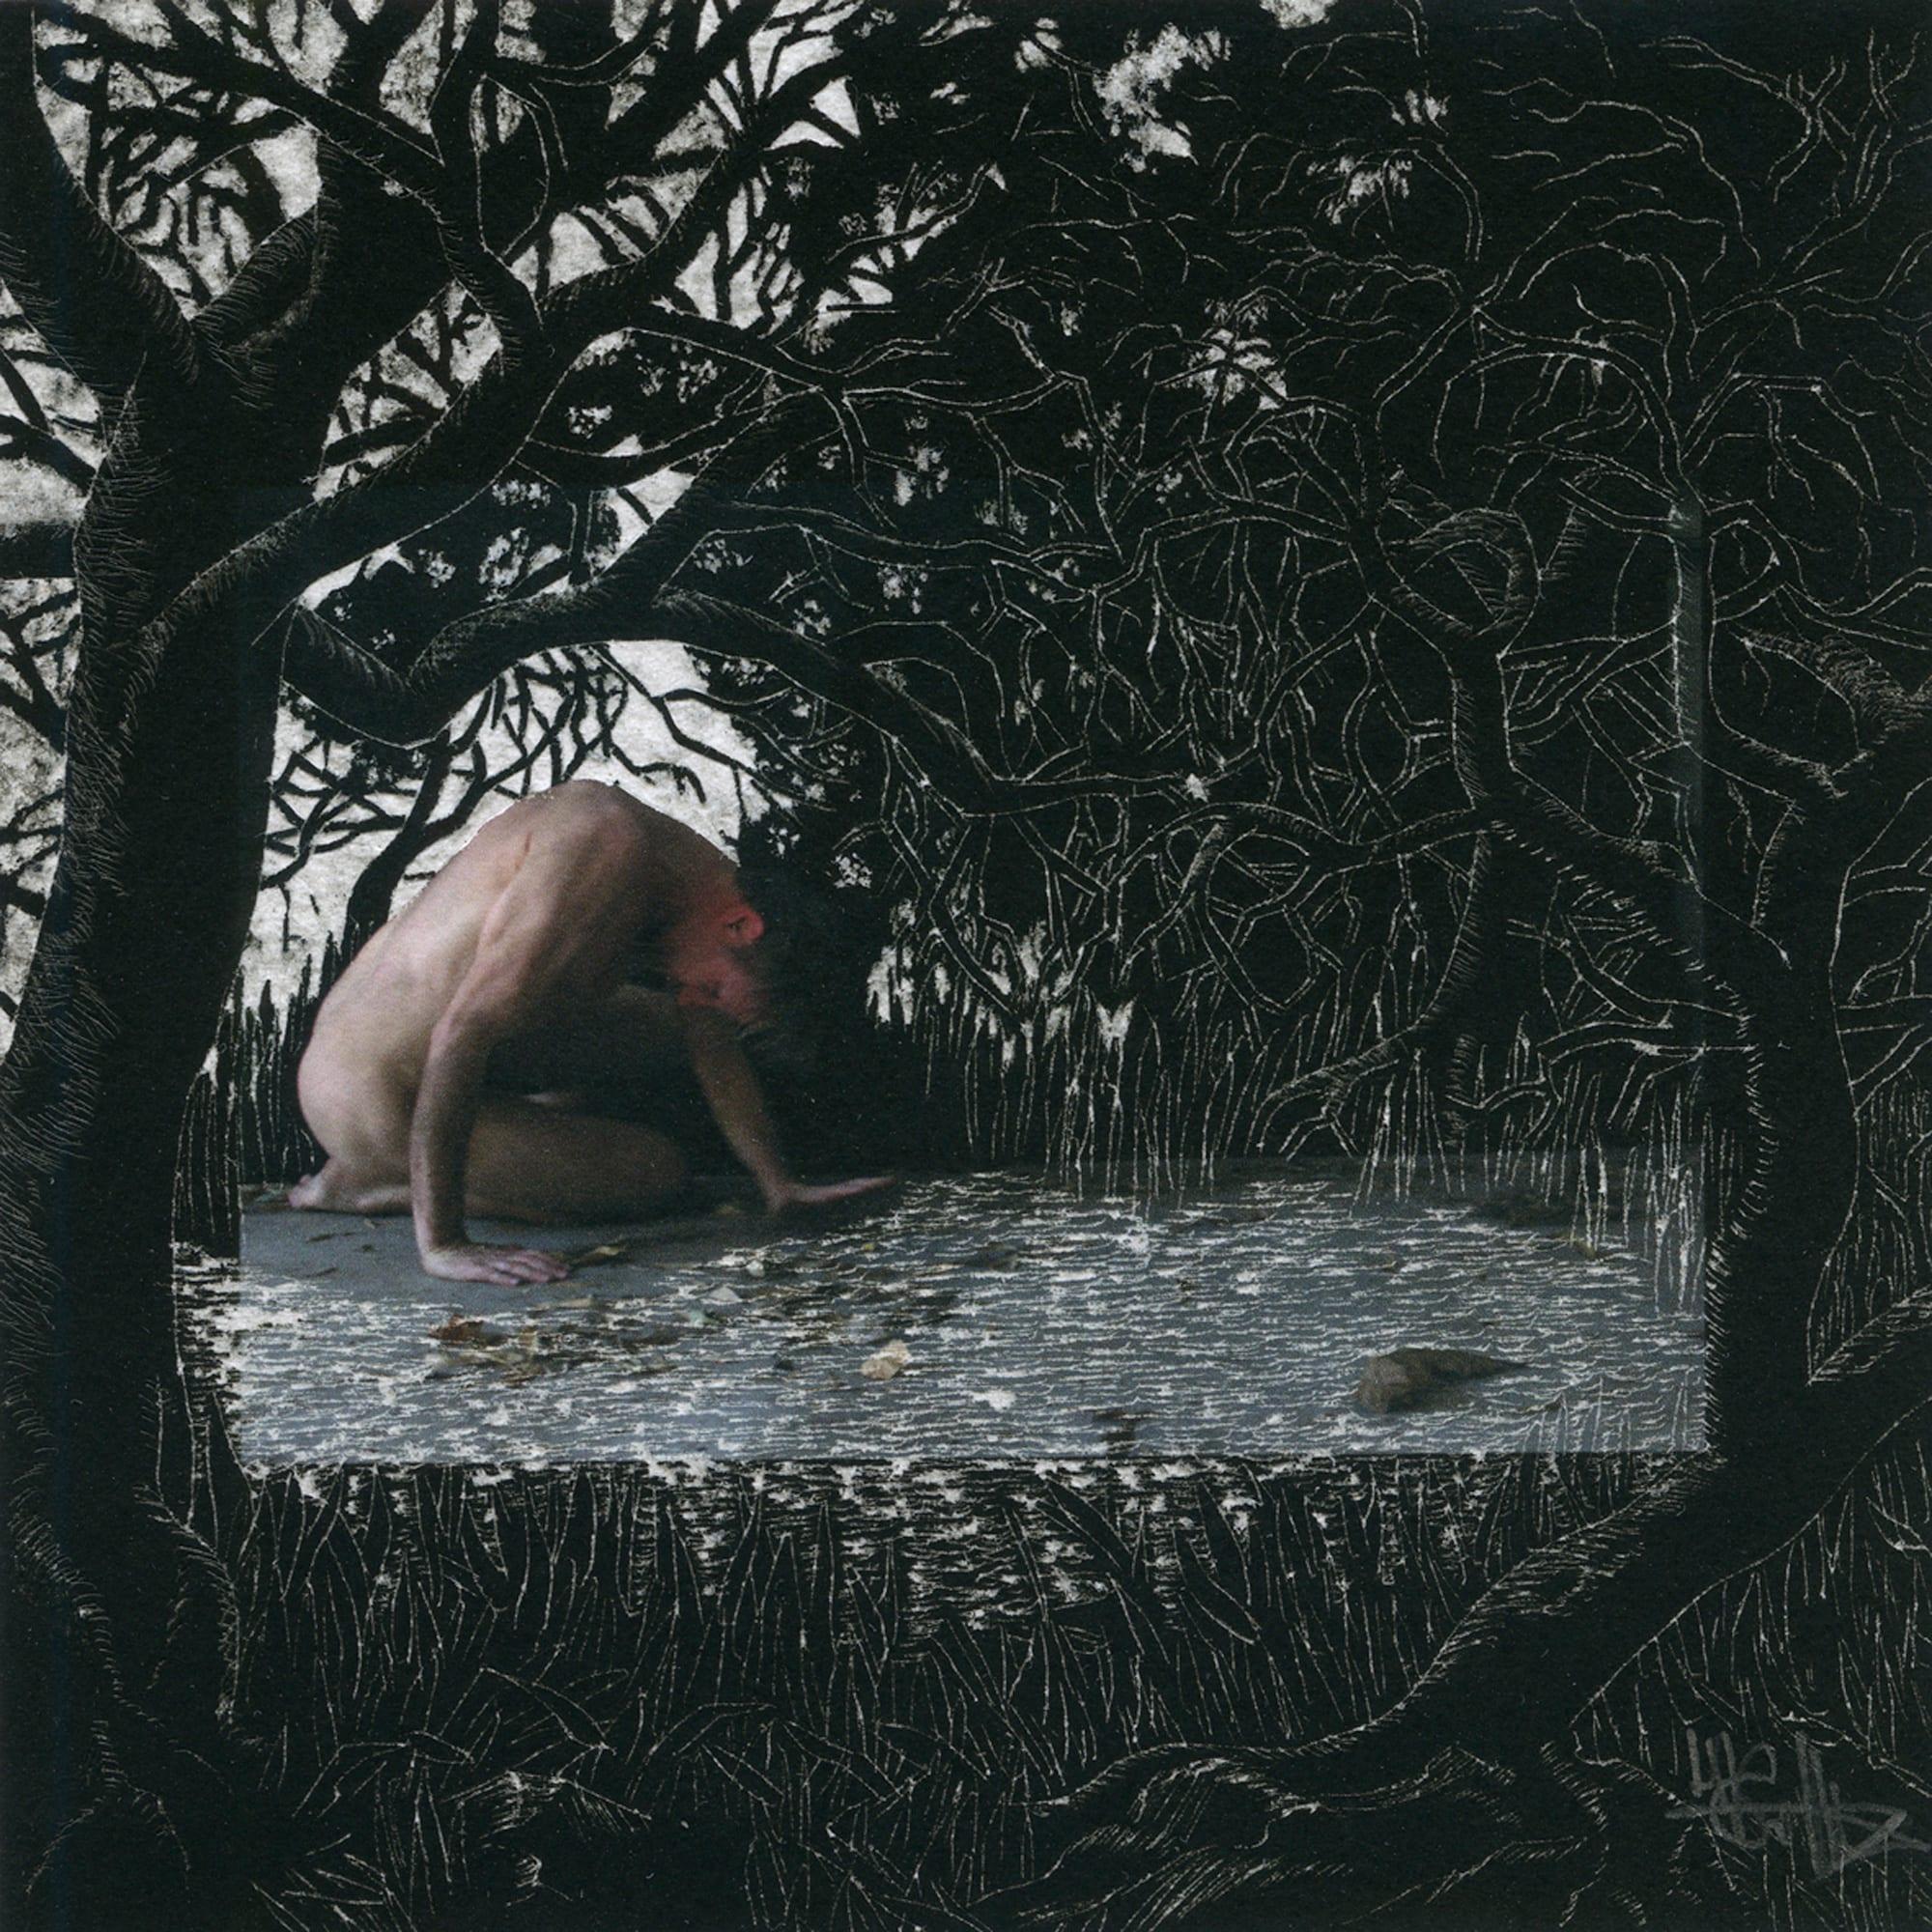 Henri van Noordenburg, Composition XXVII, ink on paper hand carved, 17.5 cm x 17.5 cm framed, 2013